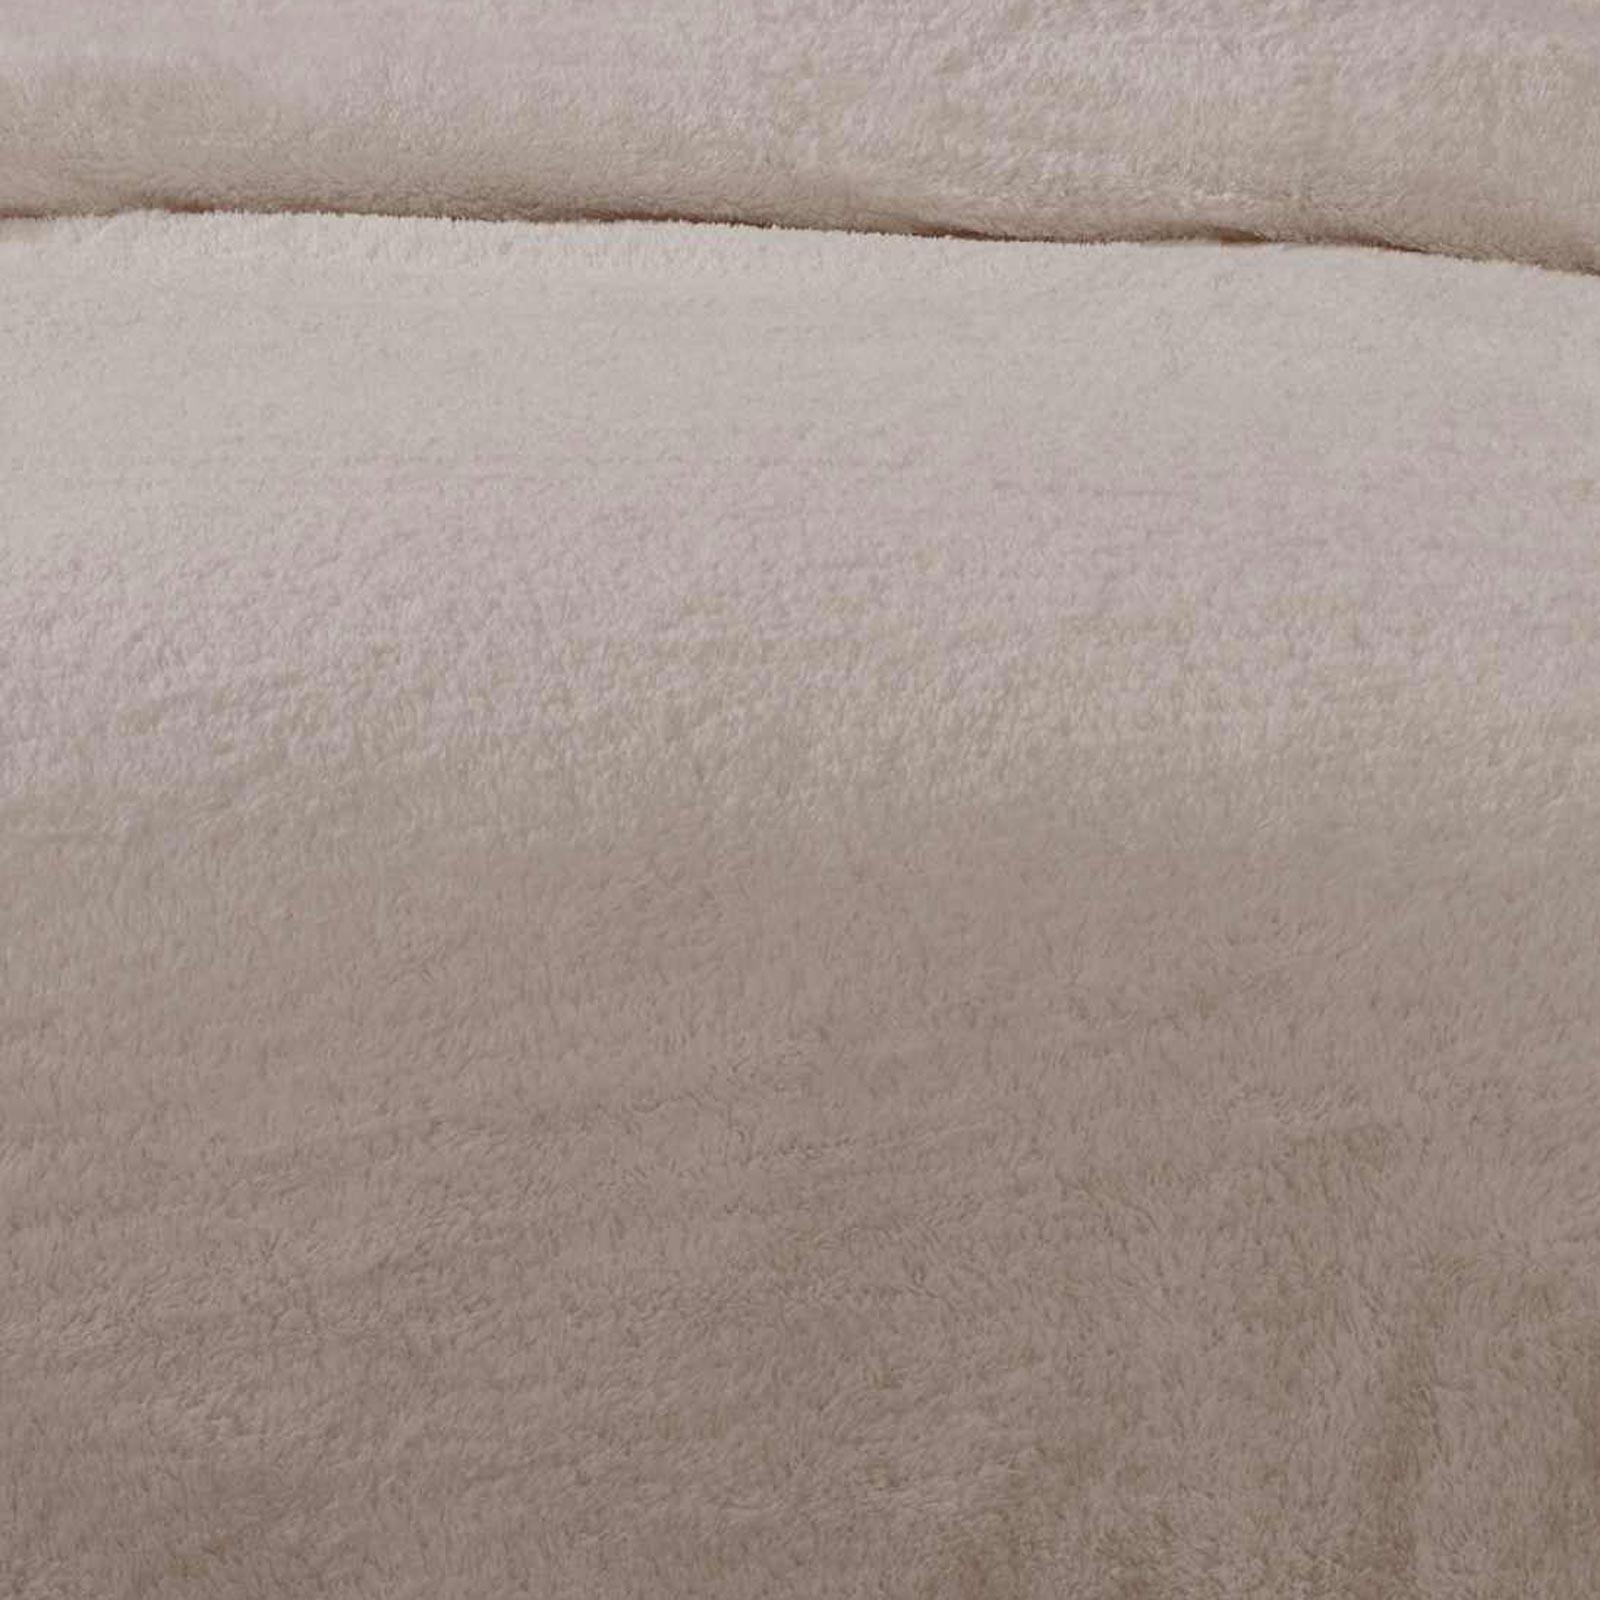 Oso-de-Peluche-de-Fundas-Nordicas-Fleece-Fluffy-Calido-Acogedor-Cubierta-Del-Edredon-Conjuntos-de miniatura 19